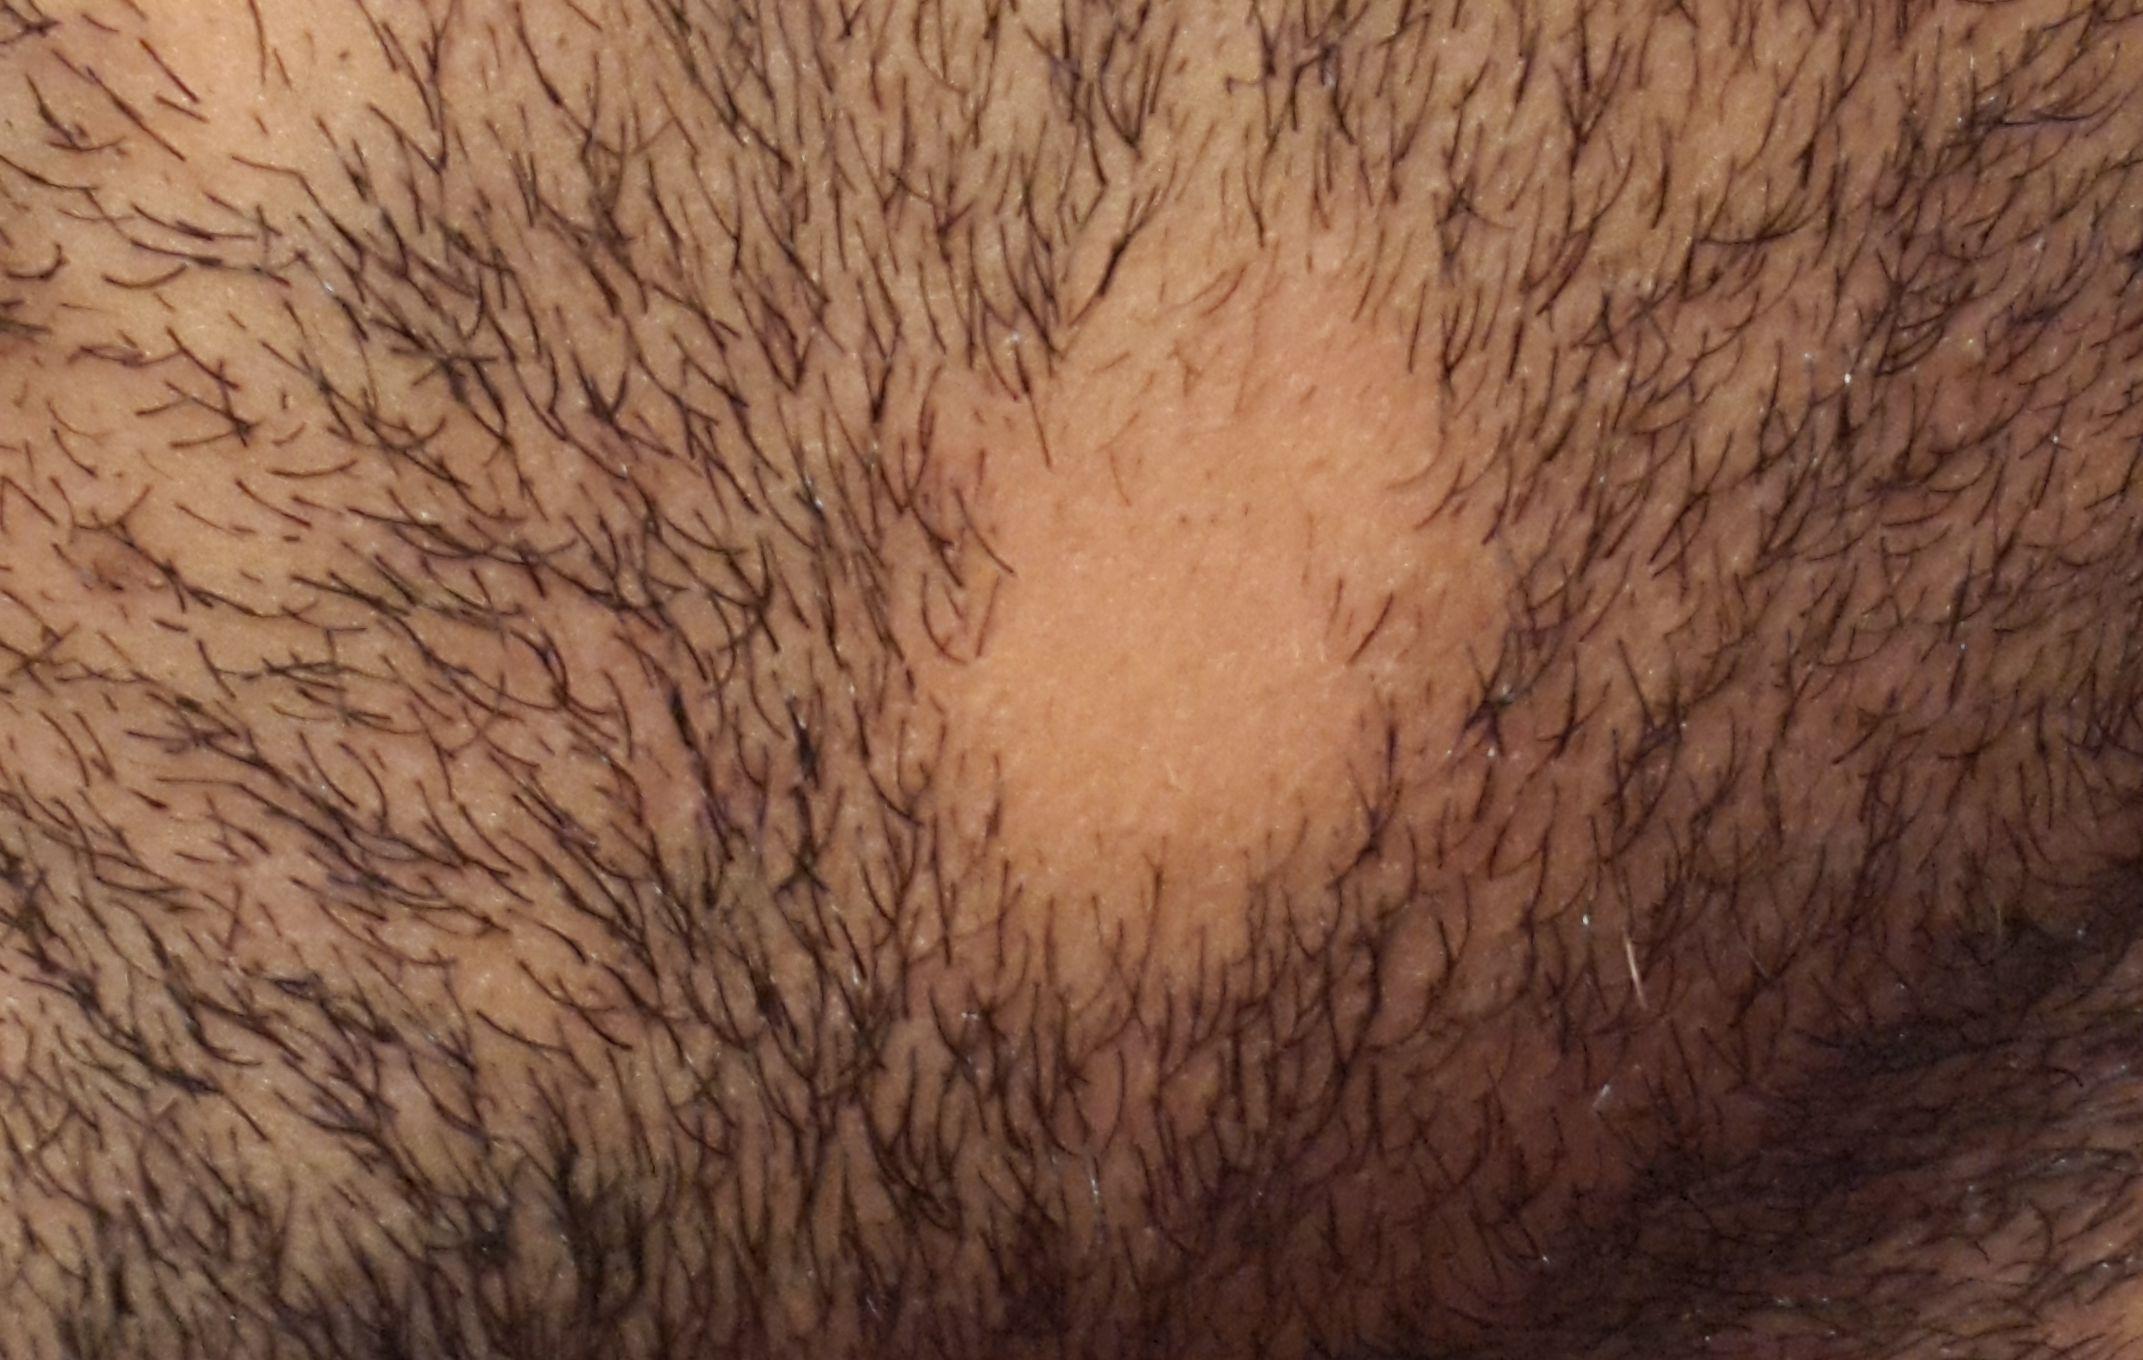 bald-spot-beard-alopecia-areata-barbae-2